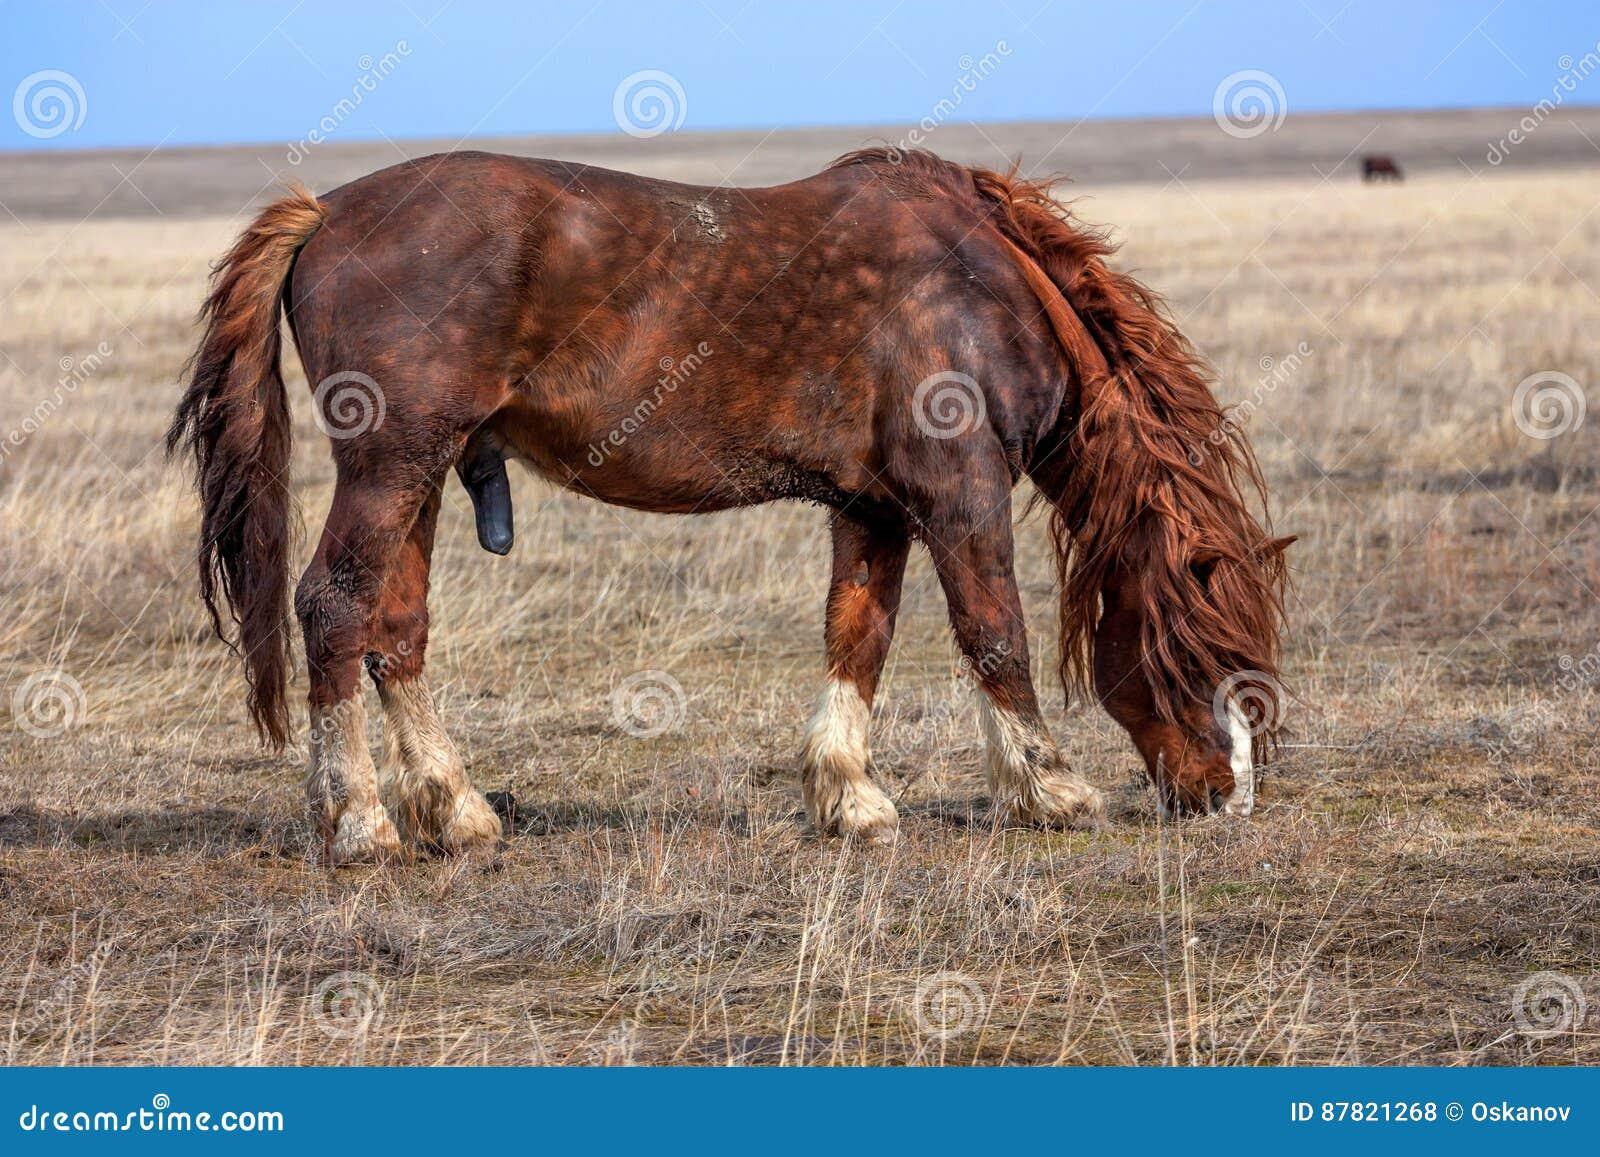 Come Pulire il Fodero di un Cavallo (con Immagini)